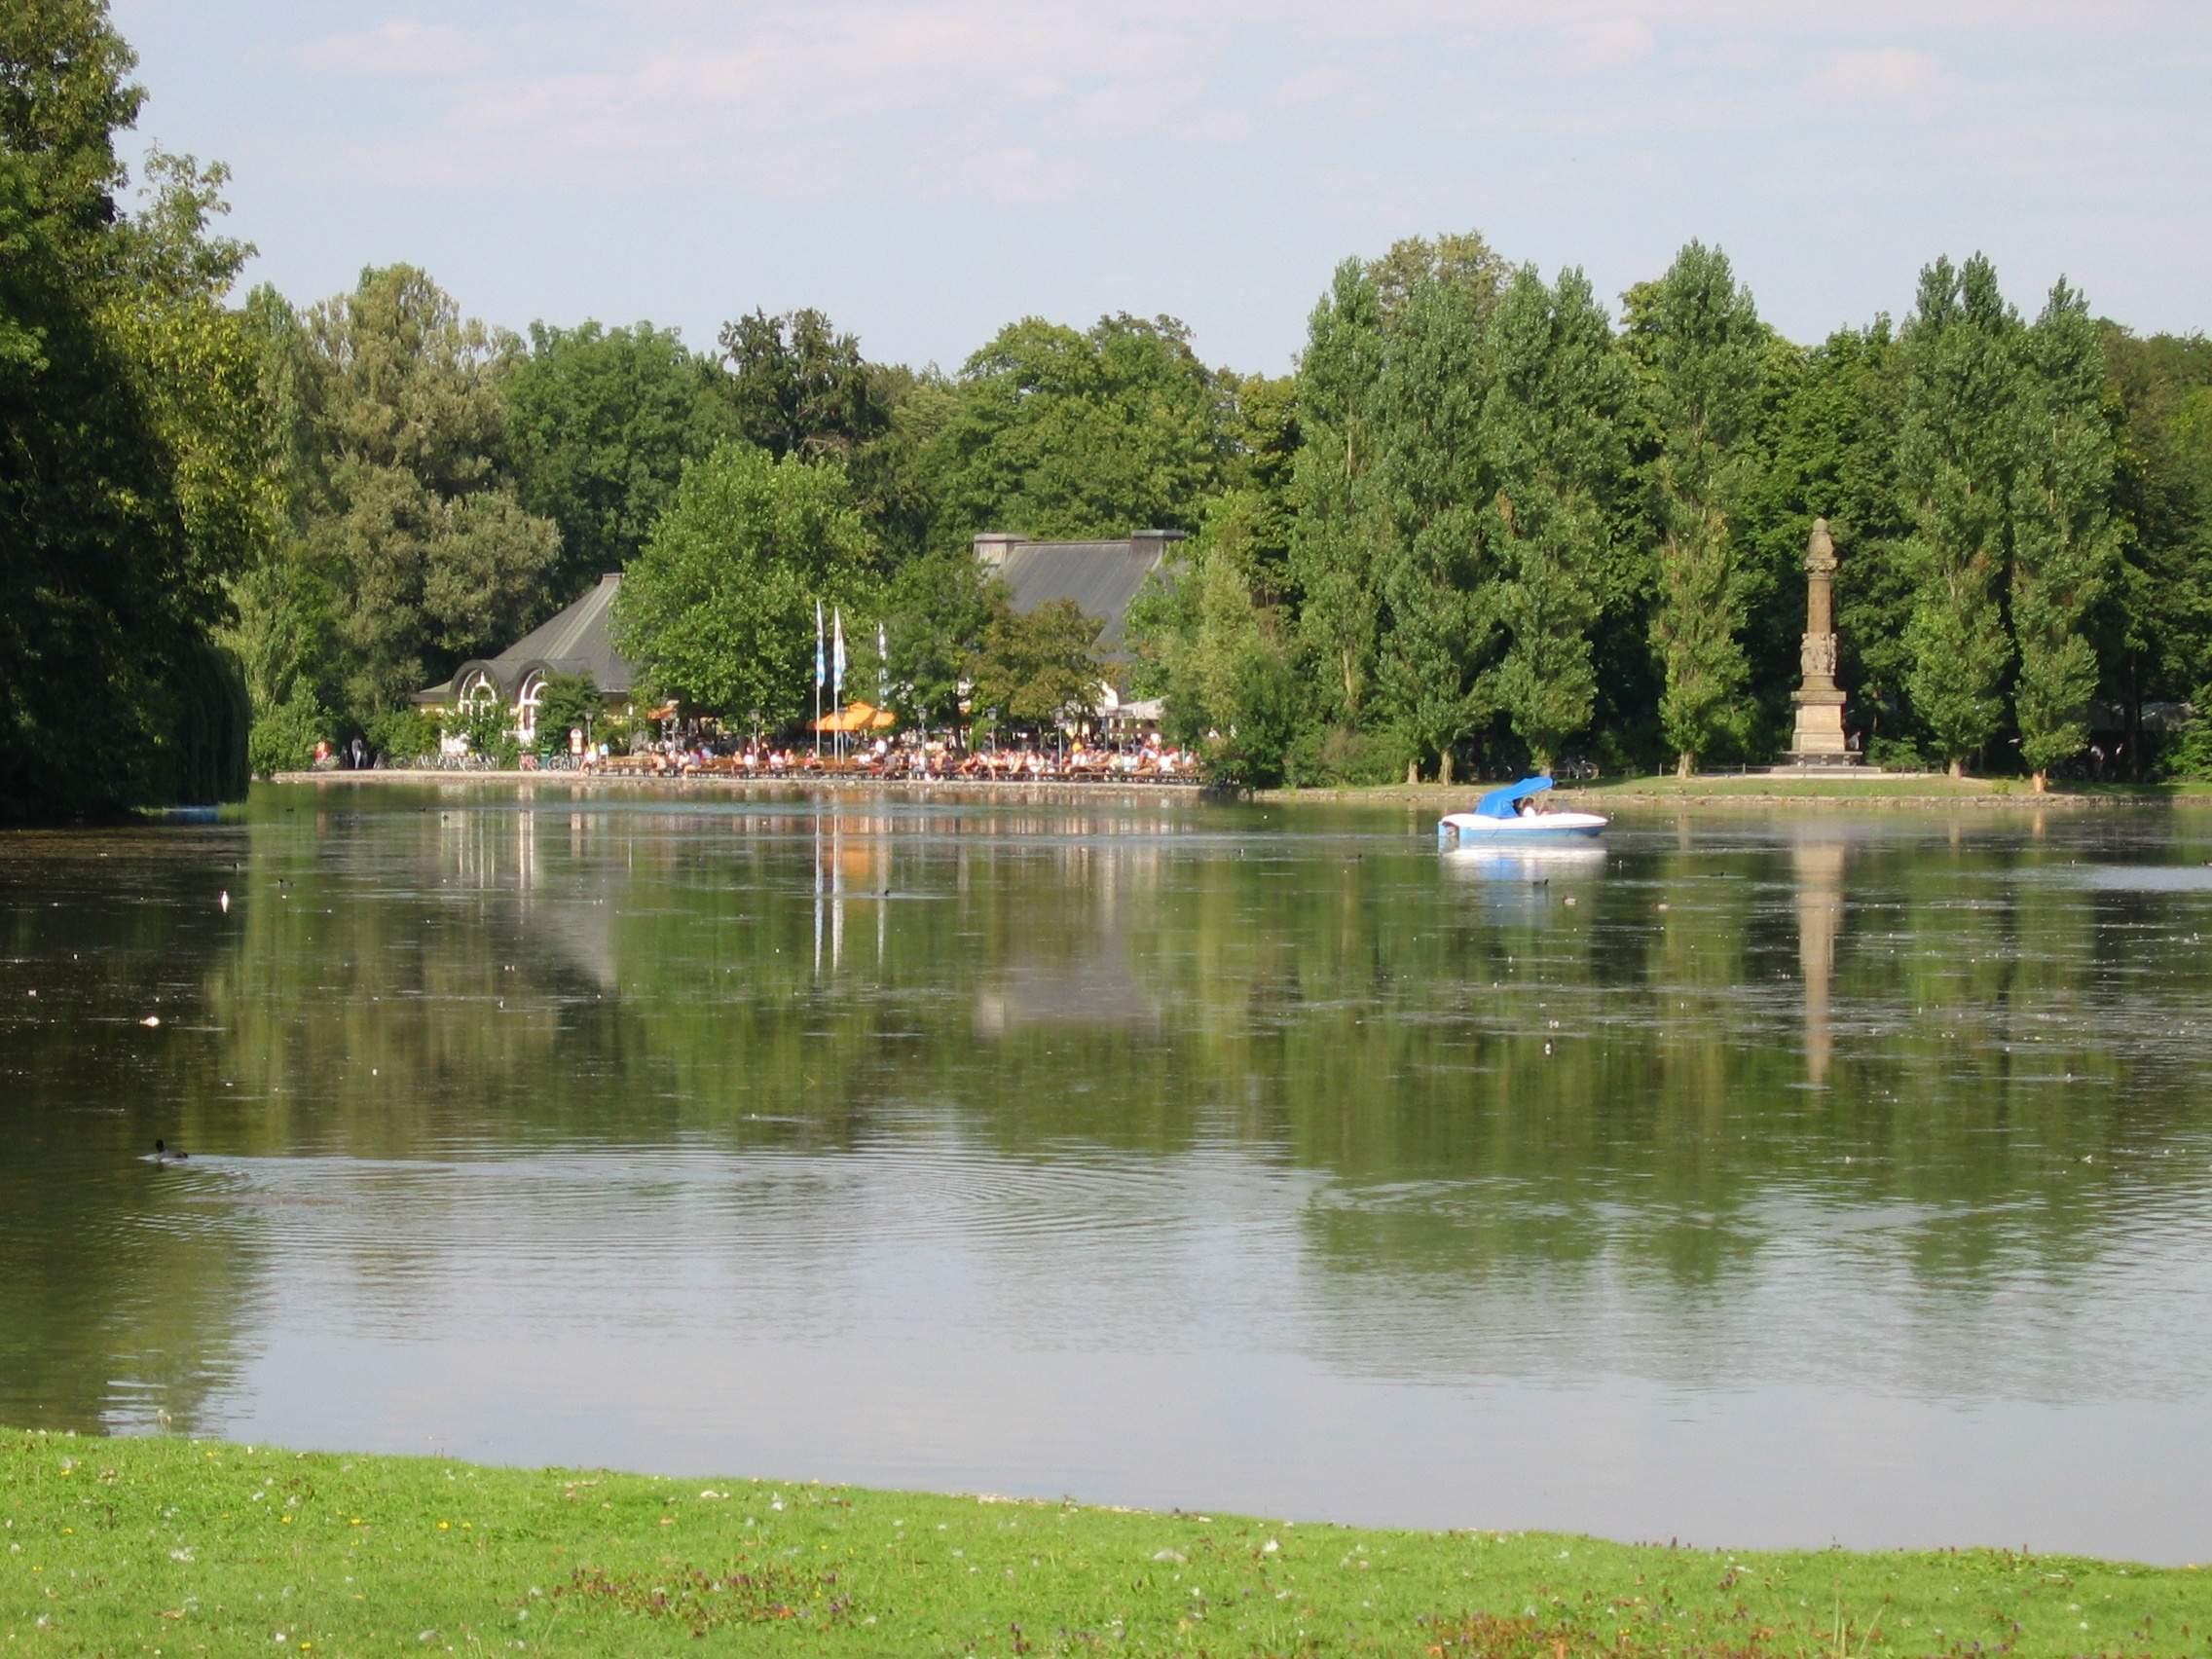 Biergarten Im Englischen Garten Luxus Datei Kleinhesseloher See Mit Denkmal Und Biergarten